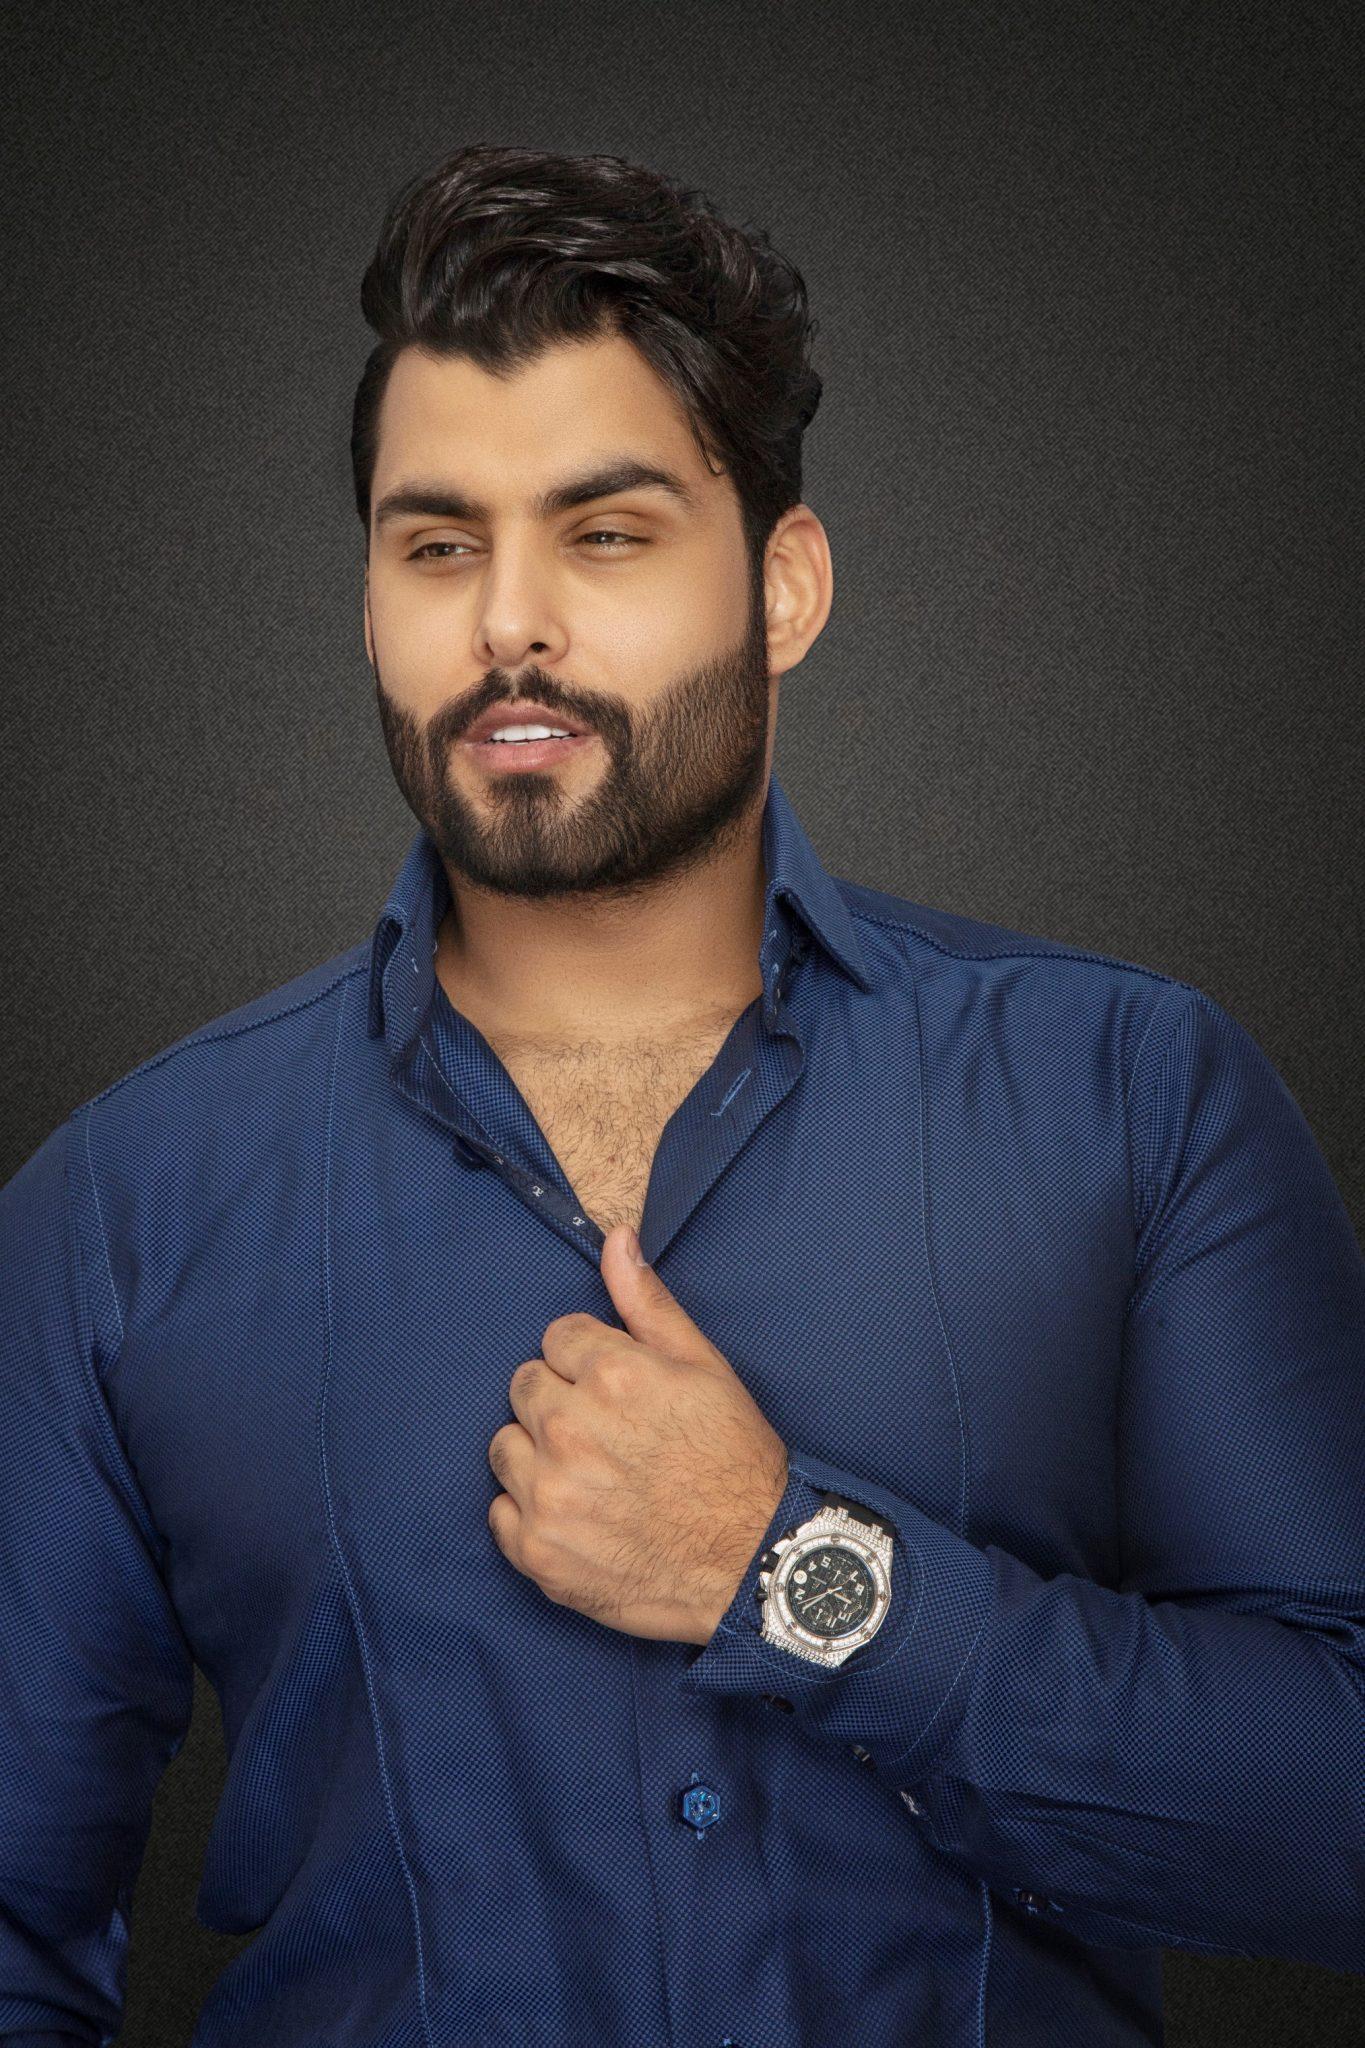 النجم الشاب محمود التركي